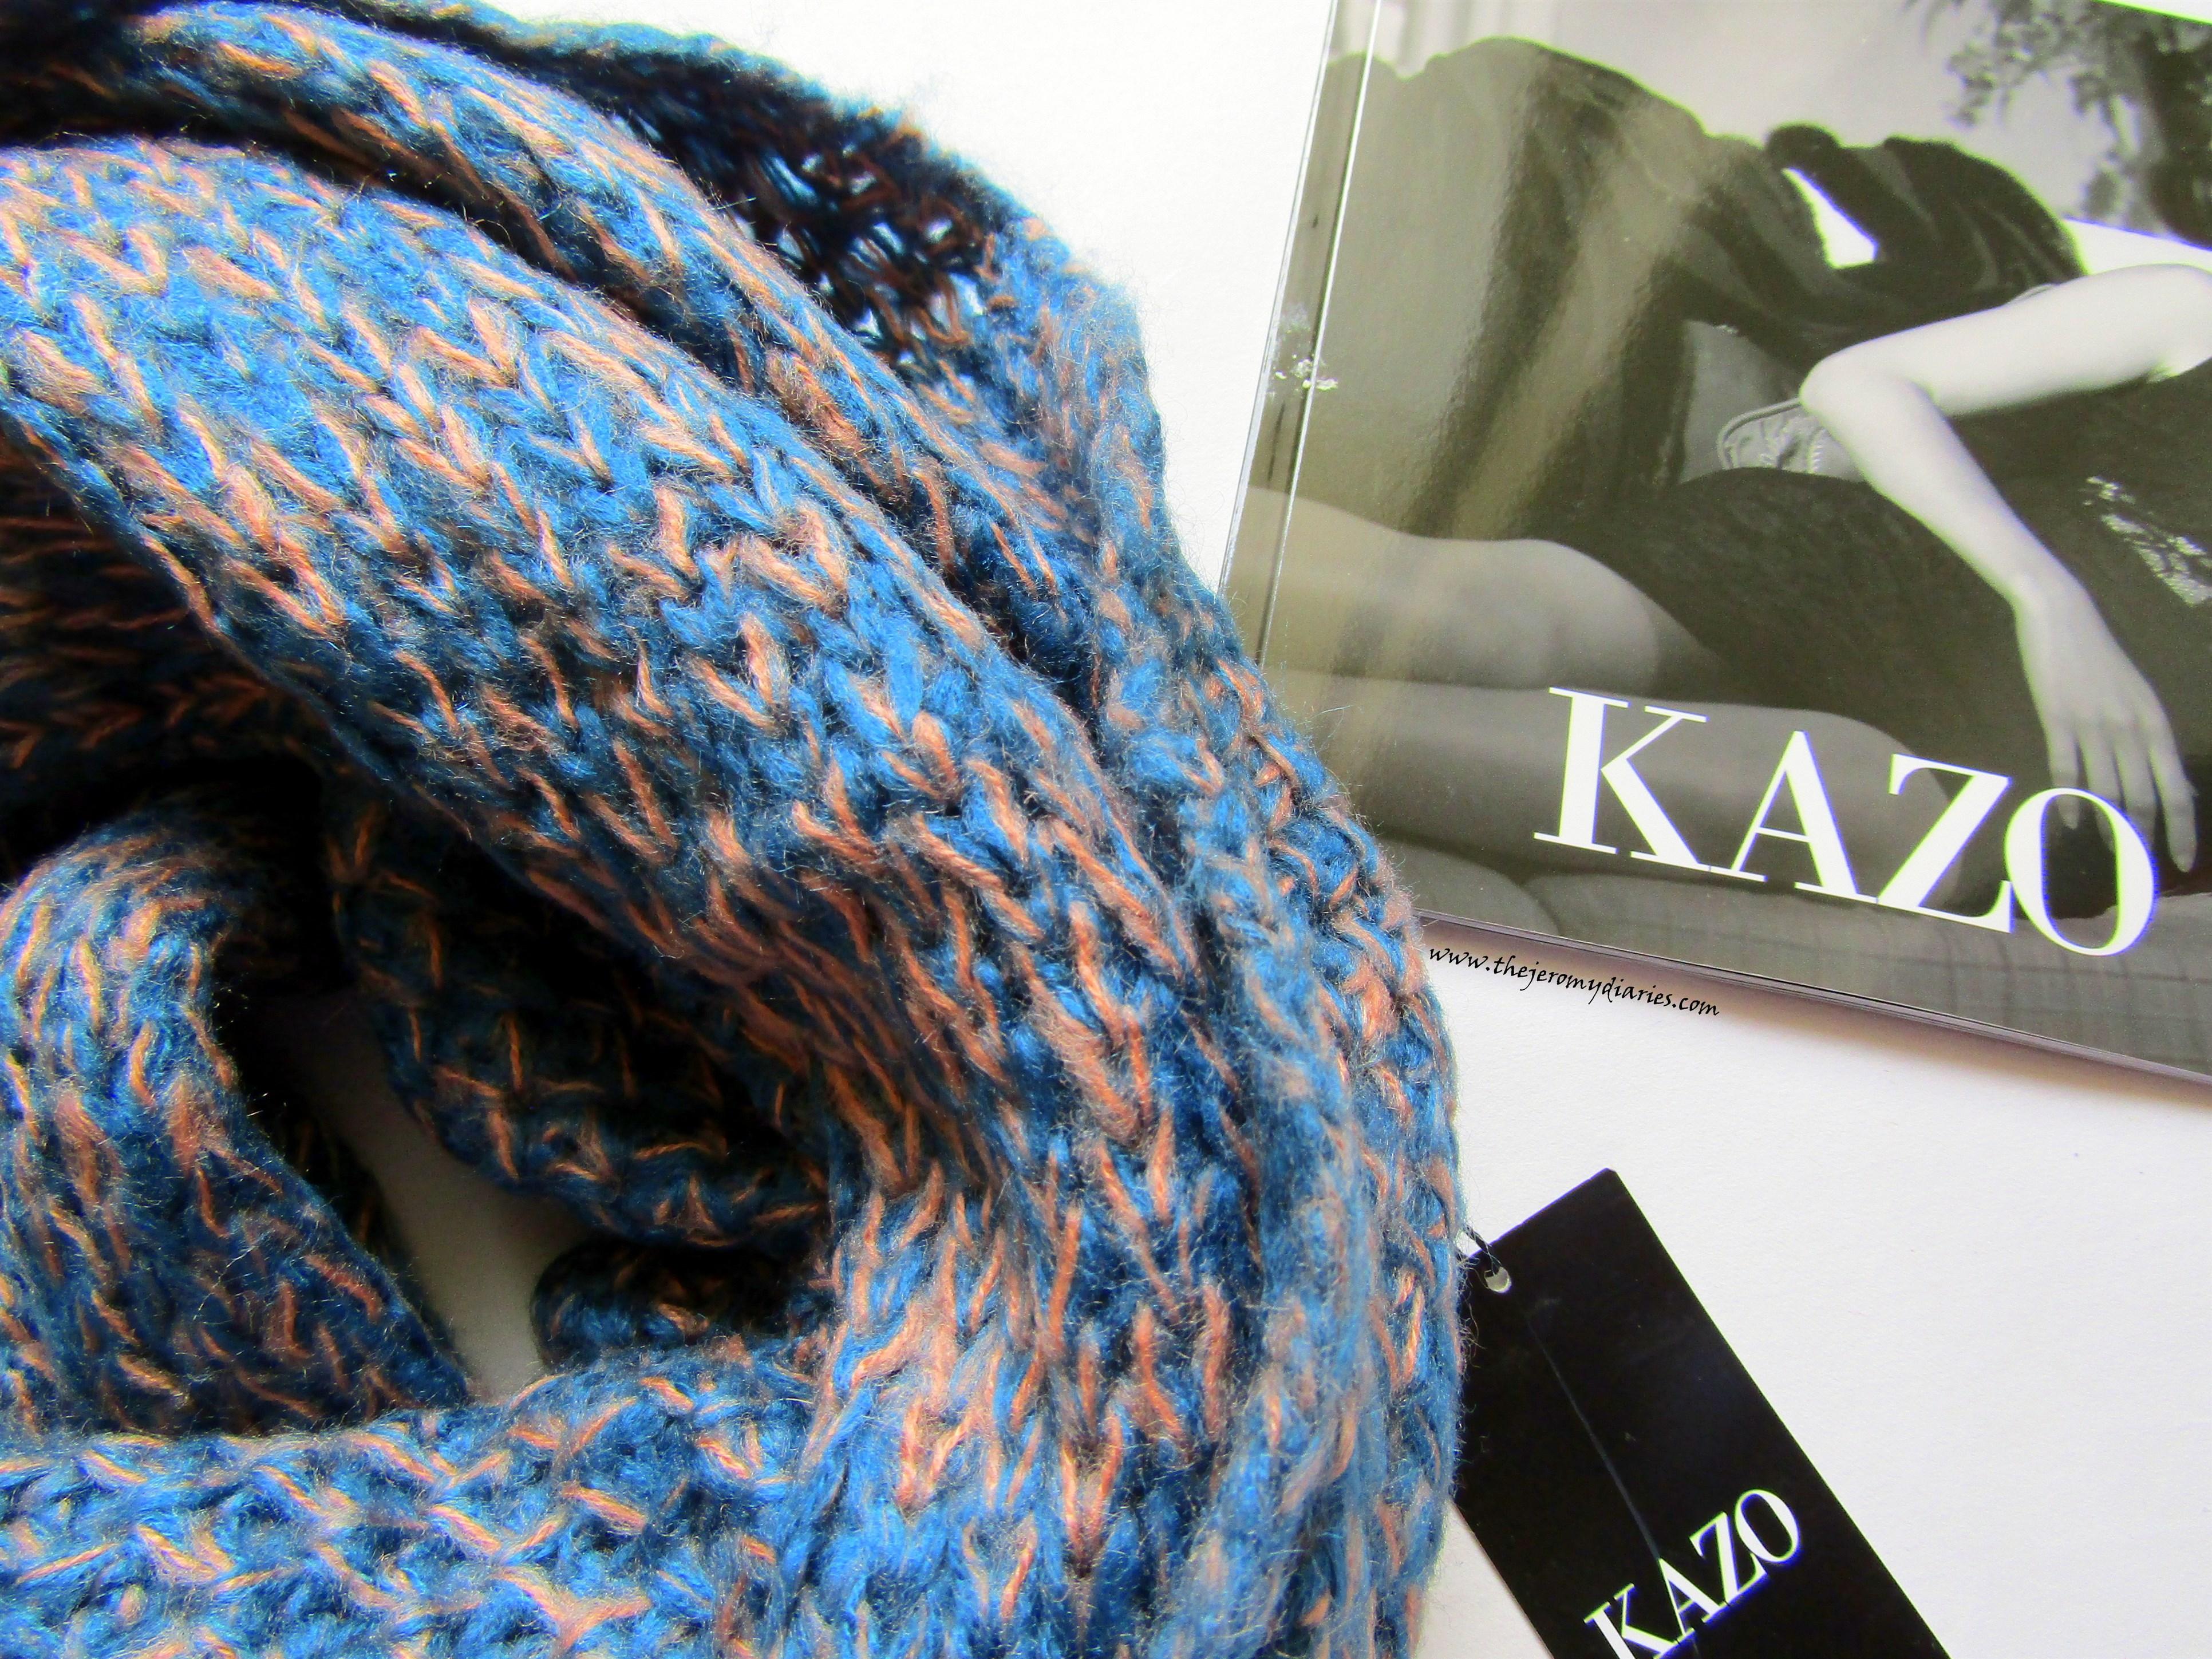 kazo scarves for women the jeromy diaries (3864 x 2898)